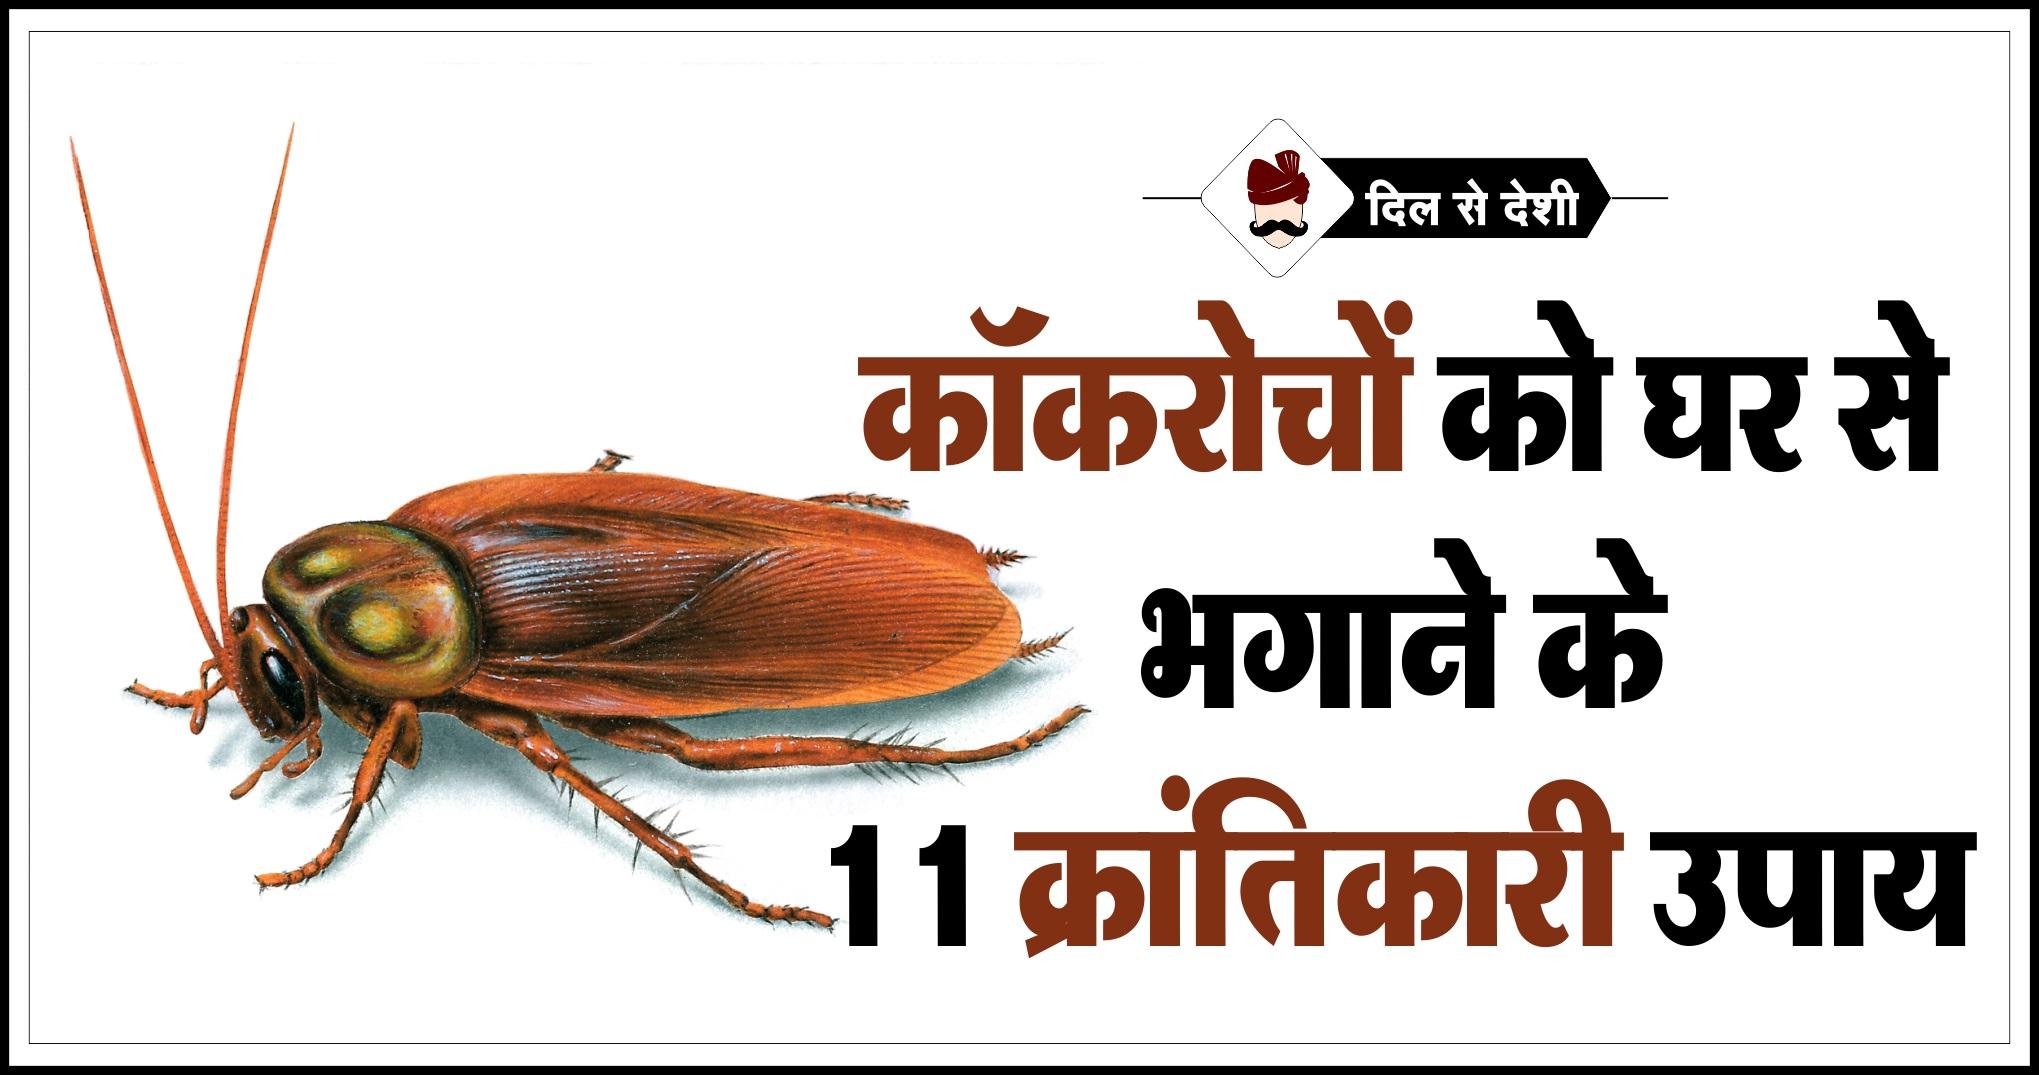 कॉकरोच से छुटकारा पाने के 11 देसी नुस्खे | Cockroach Bhagane ke Gharelu Upay in Hindi